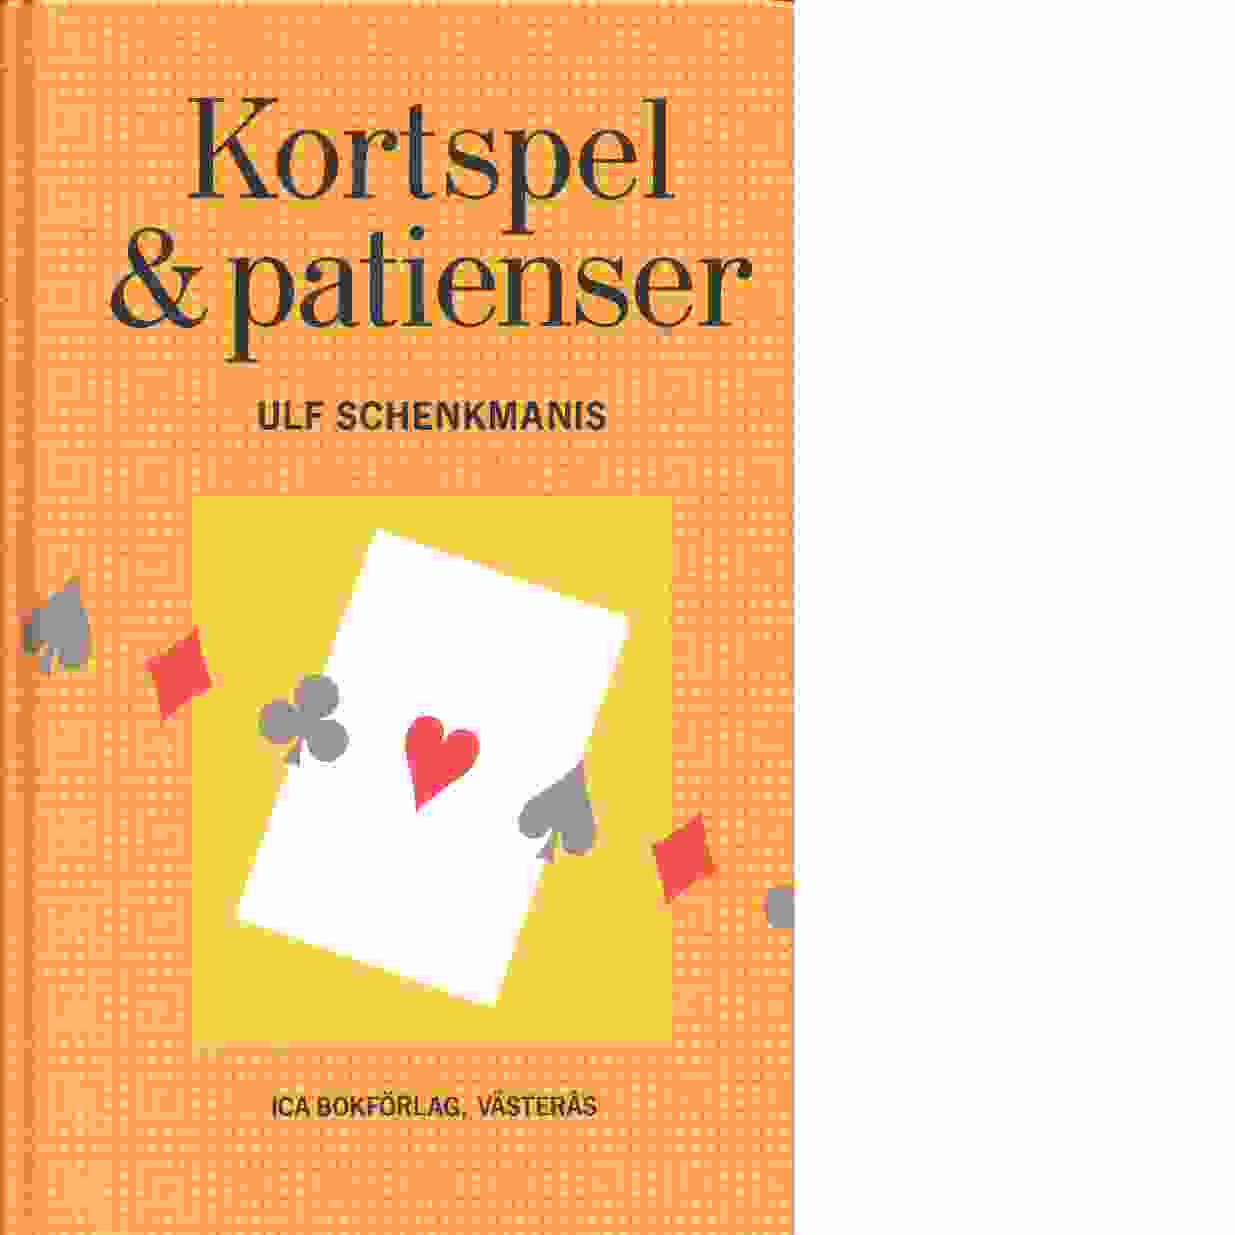 Kortspel & patienser - Schenkmanis, Ulf